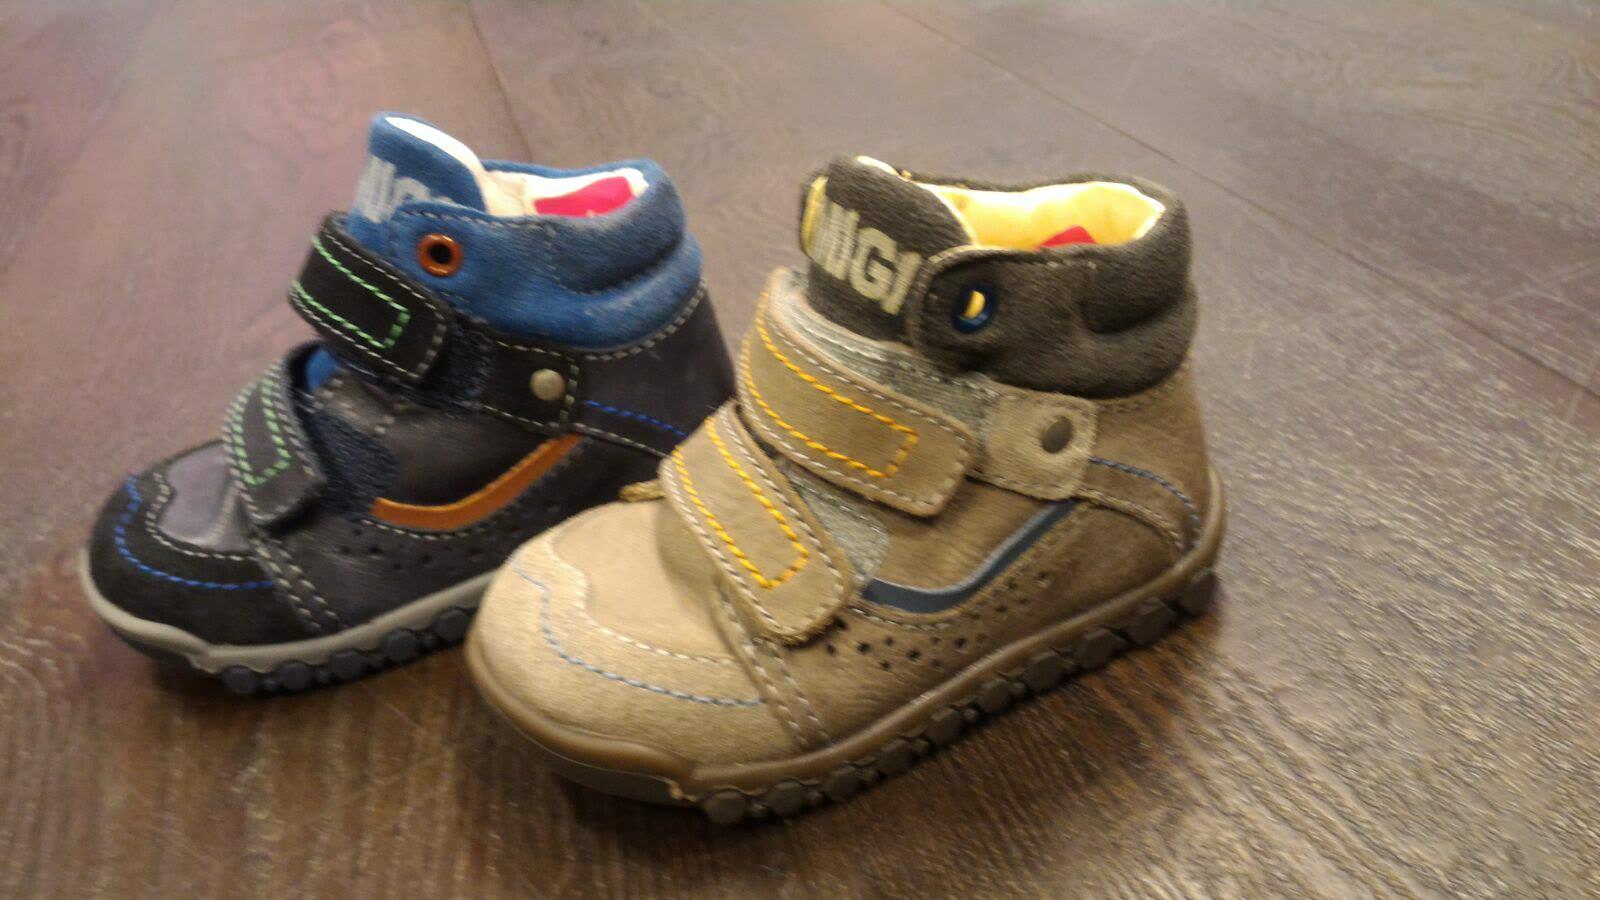 נעליים ראשונות לפעוטות. האם מותר לנעול נעליים לפני שהפעוט מתחיל ללכת?